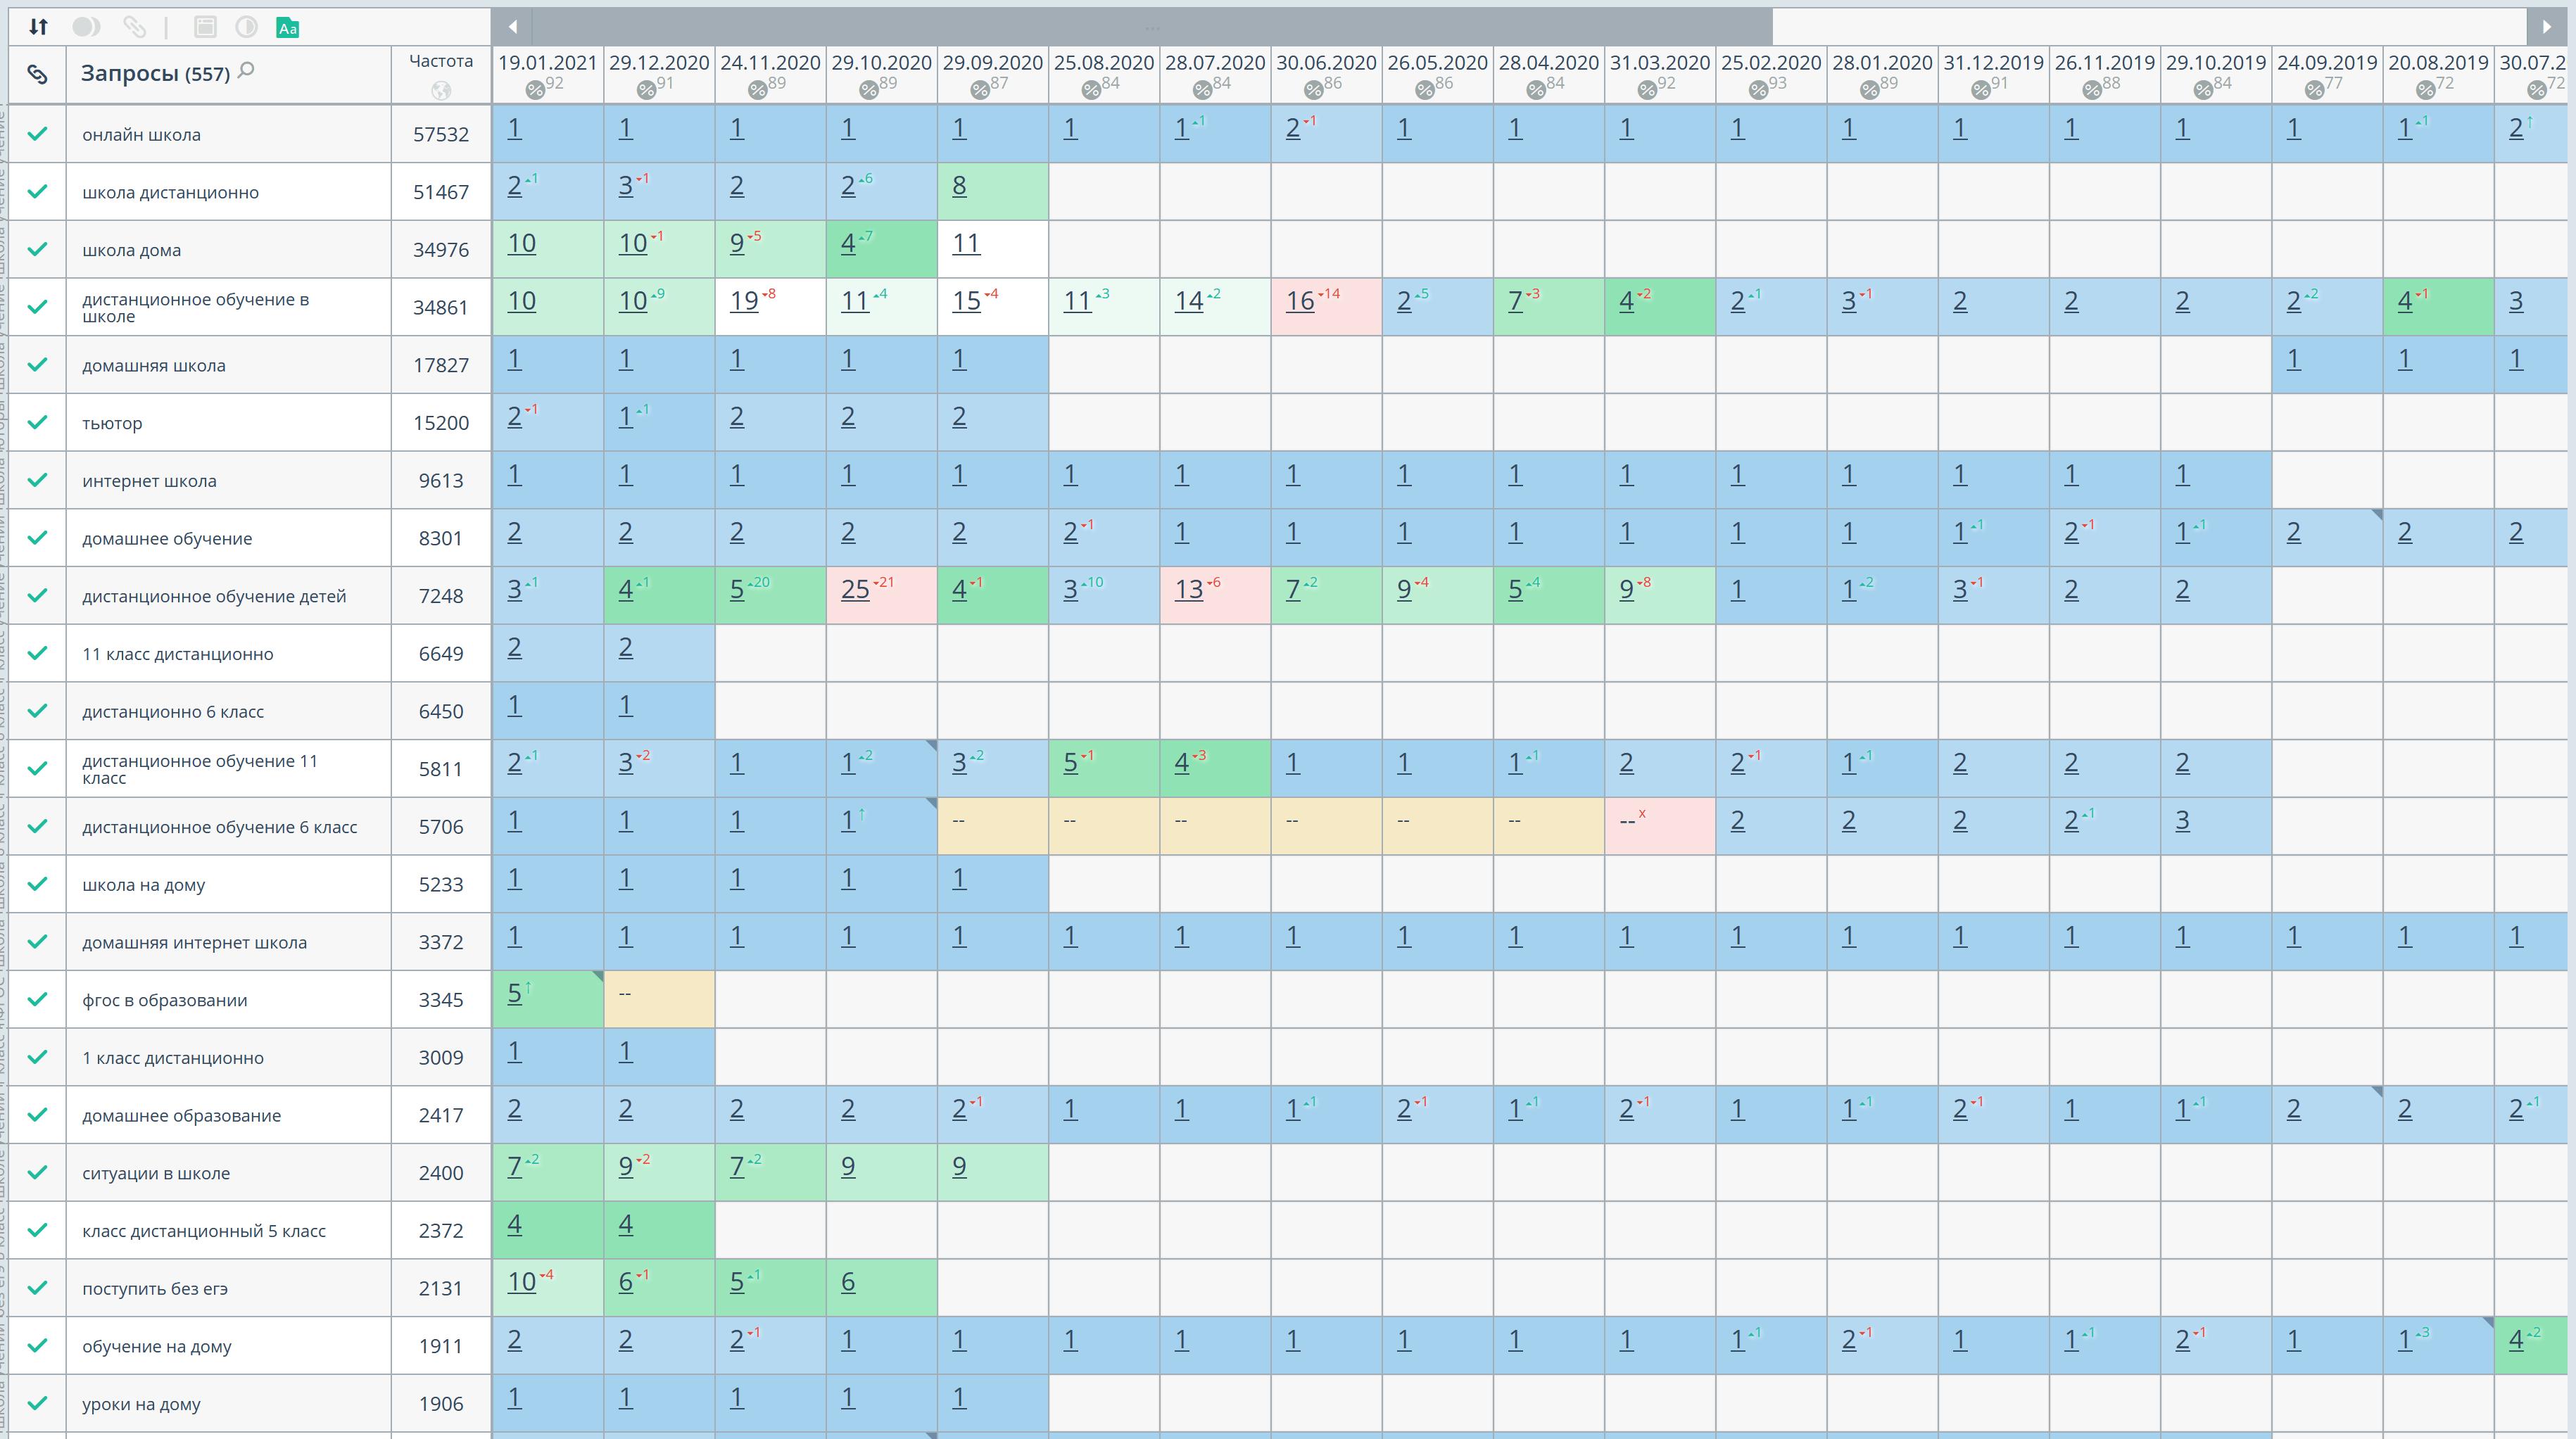 Статистика позиций по Яндексу